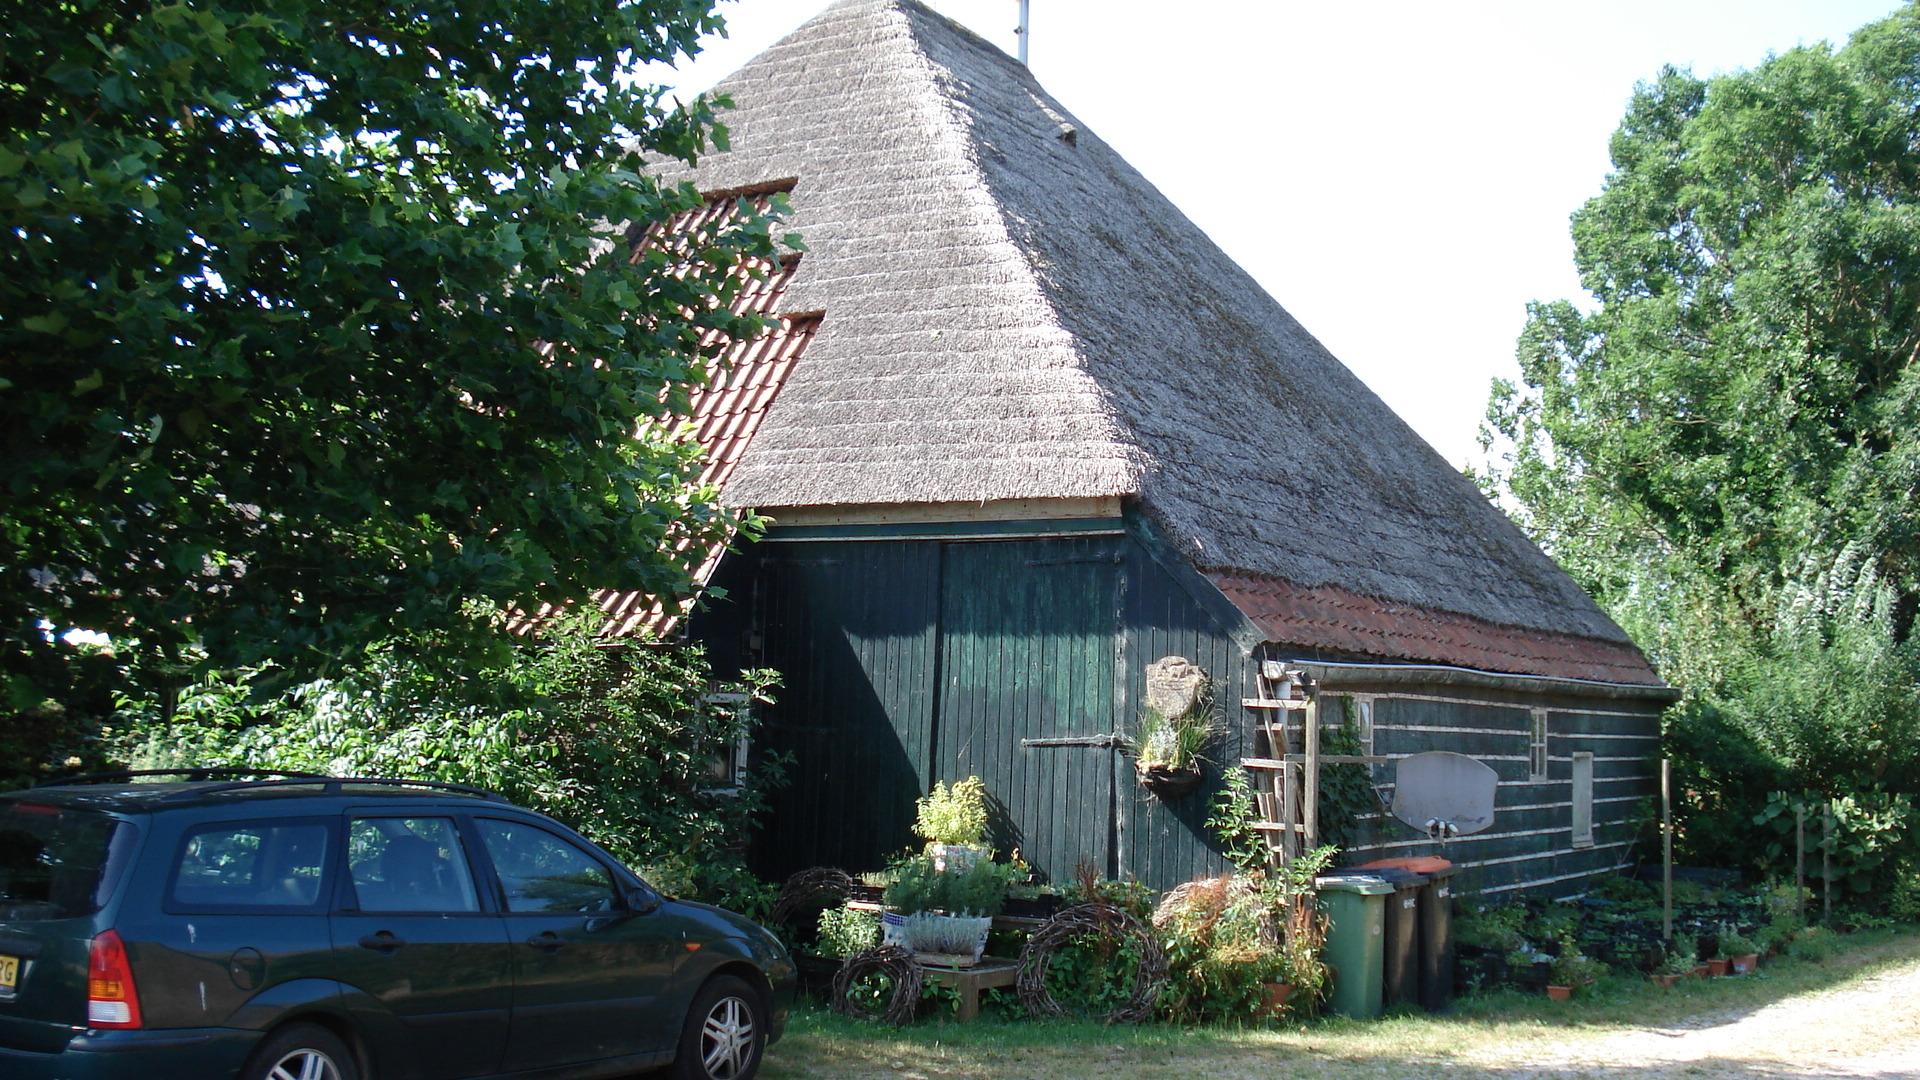 Hogeland's-Hoeve (2)